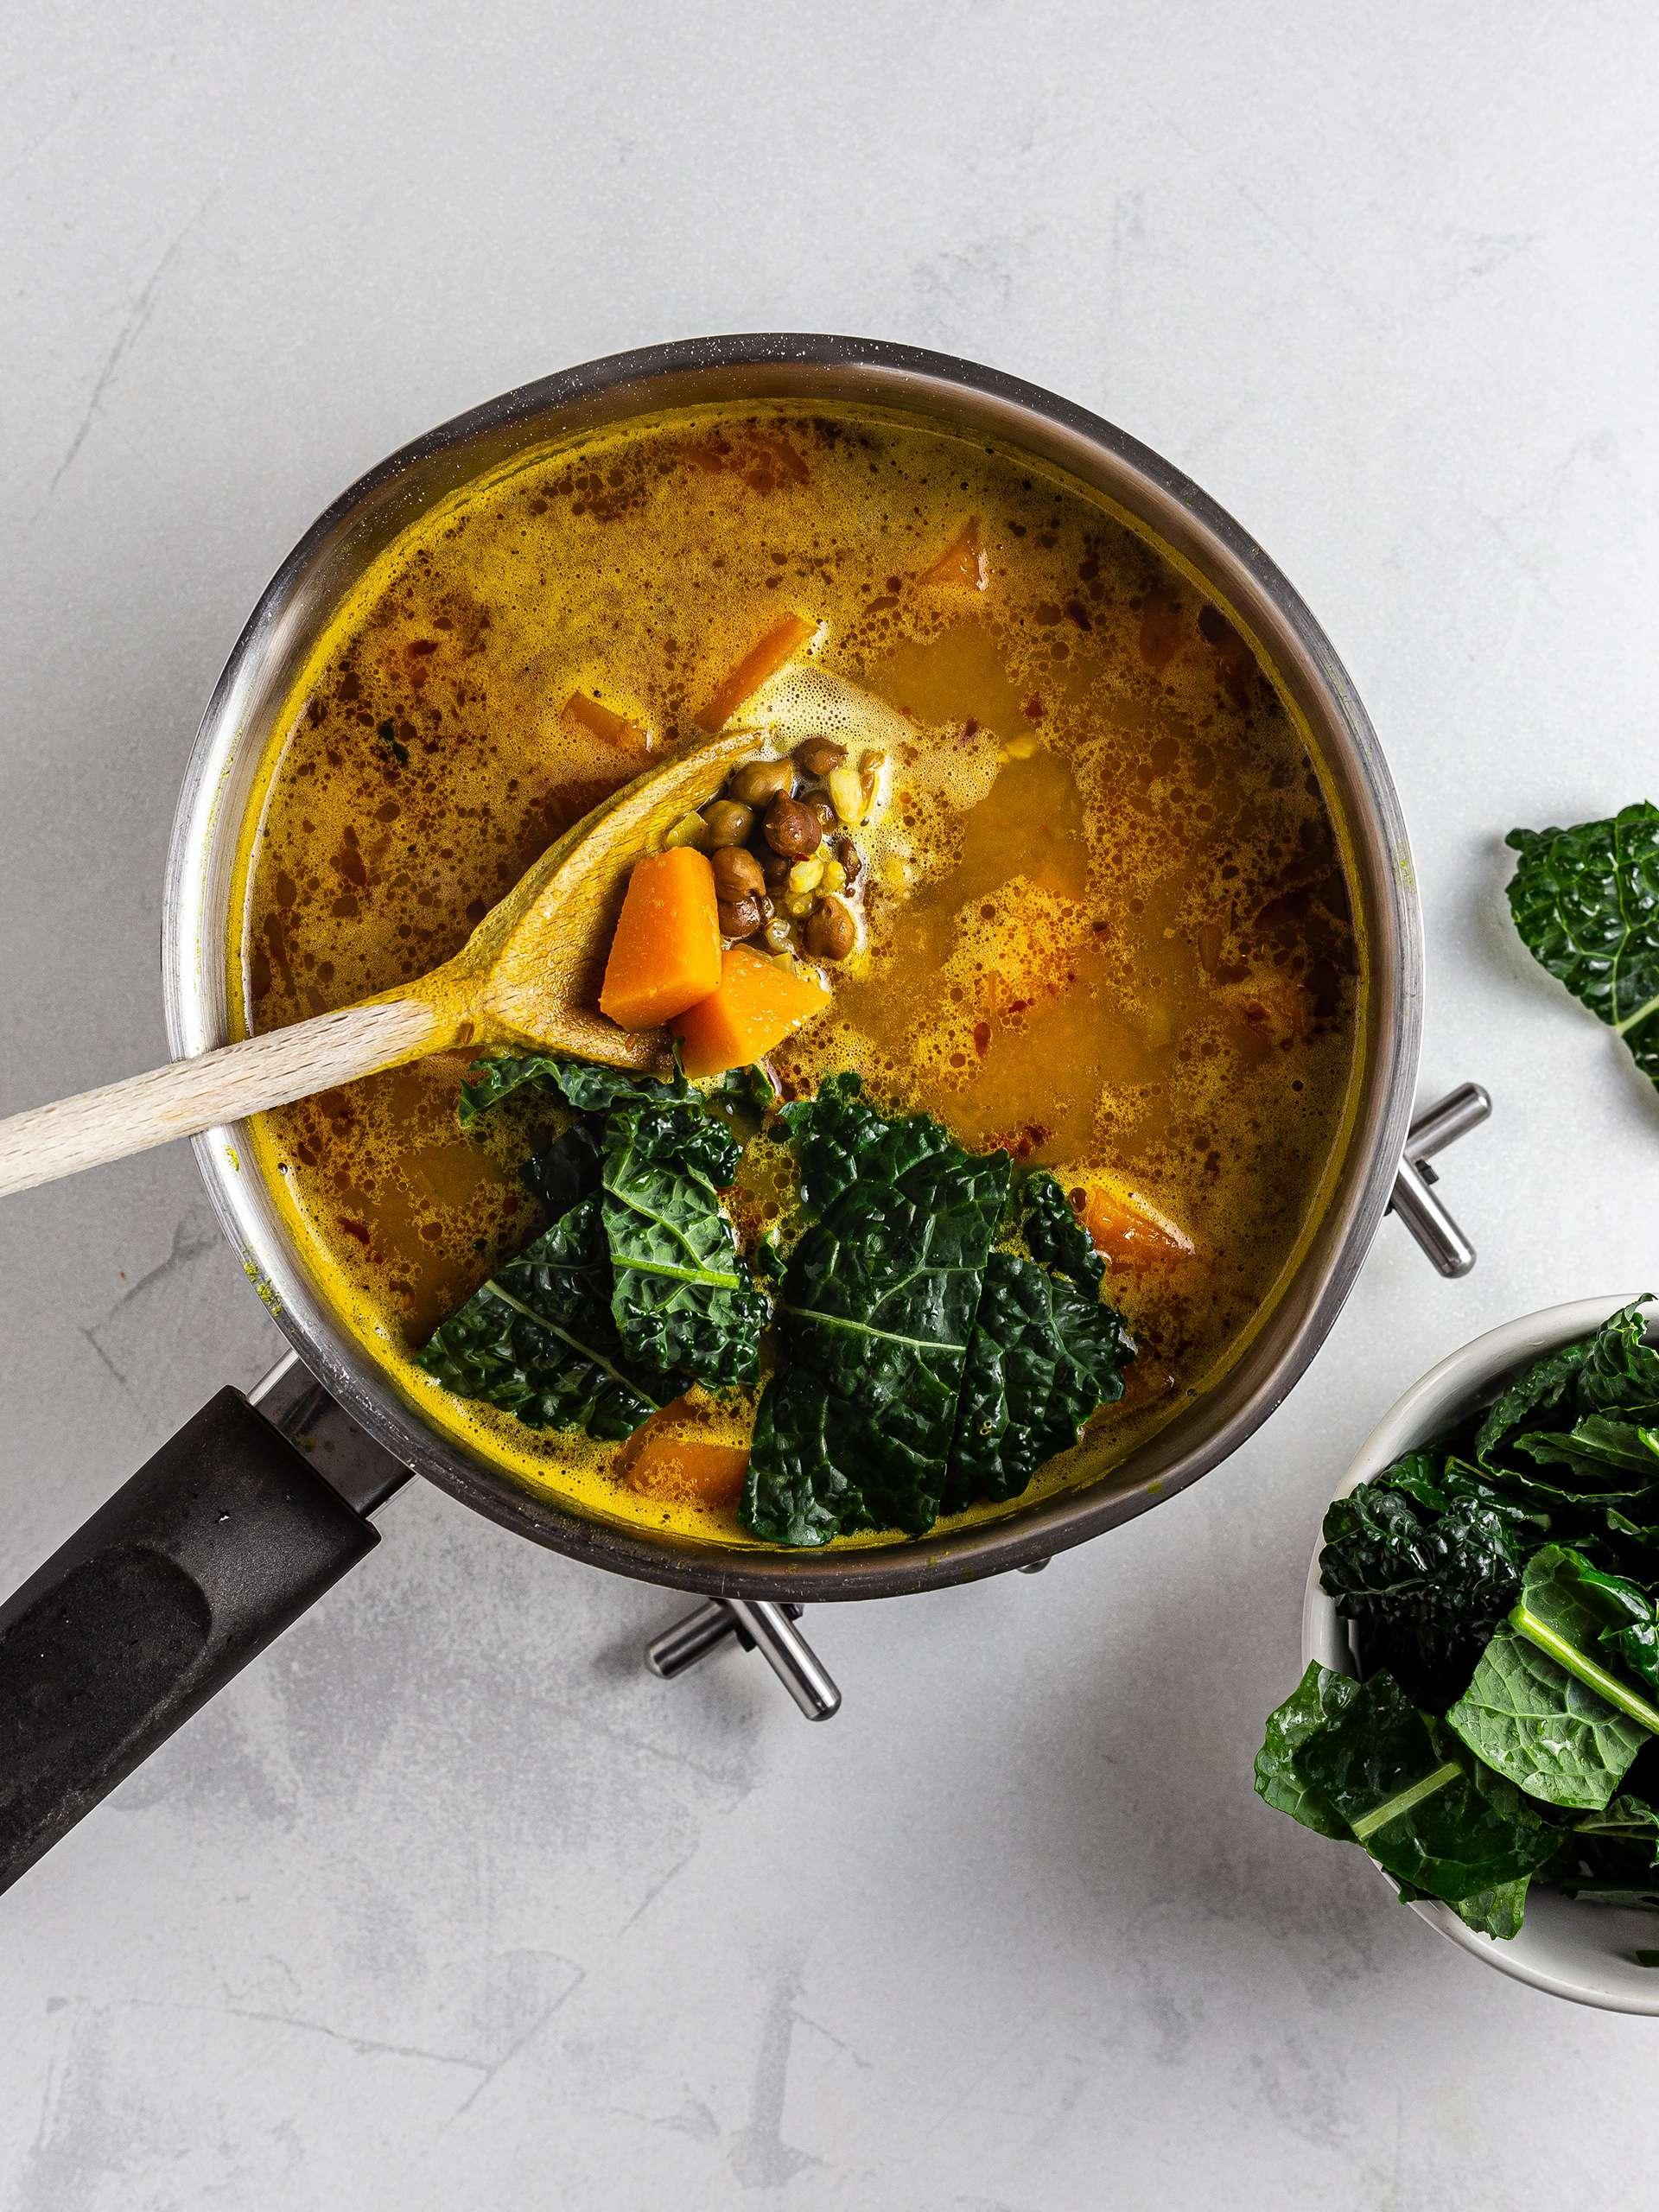 Black kale in the pumpkin soup